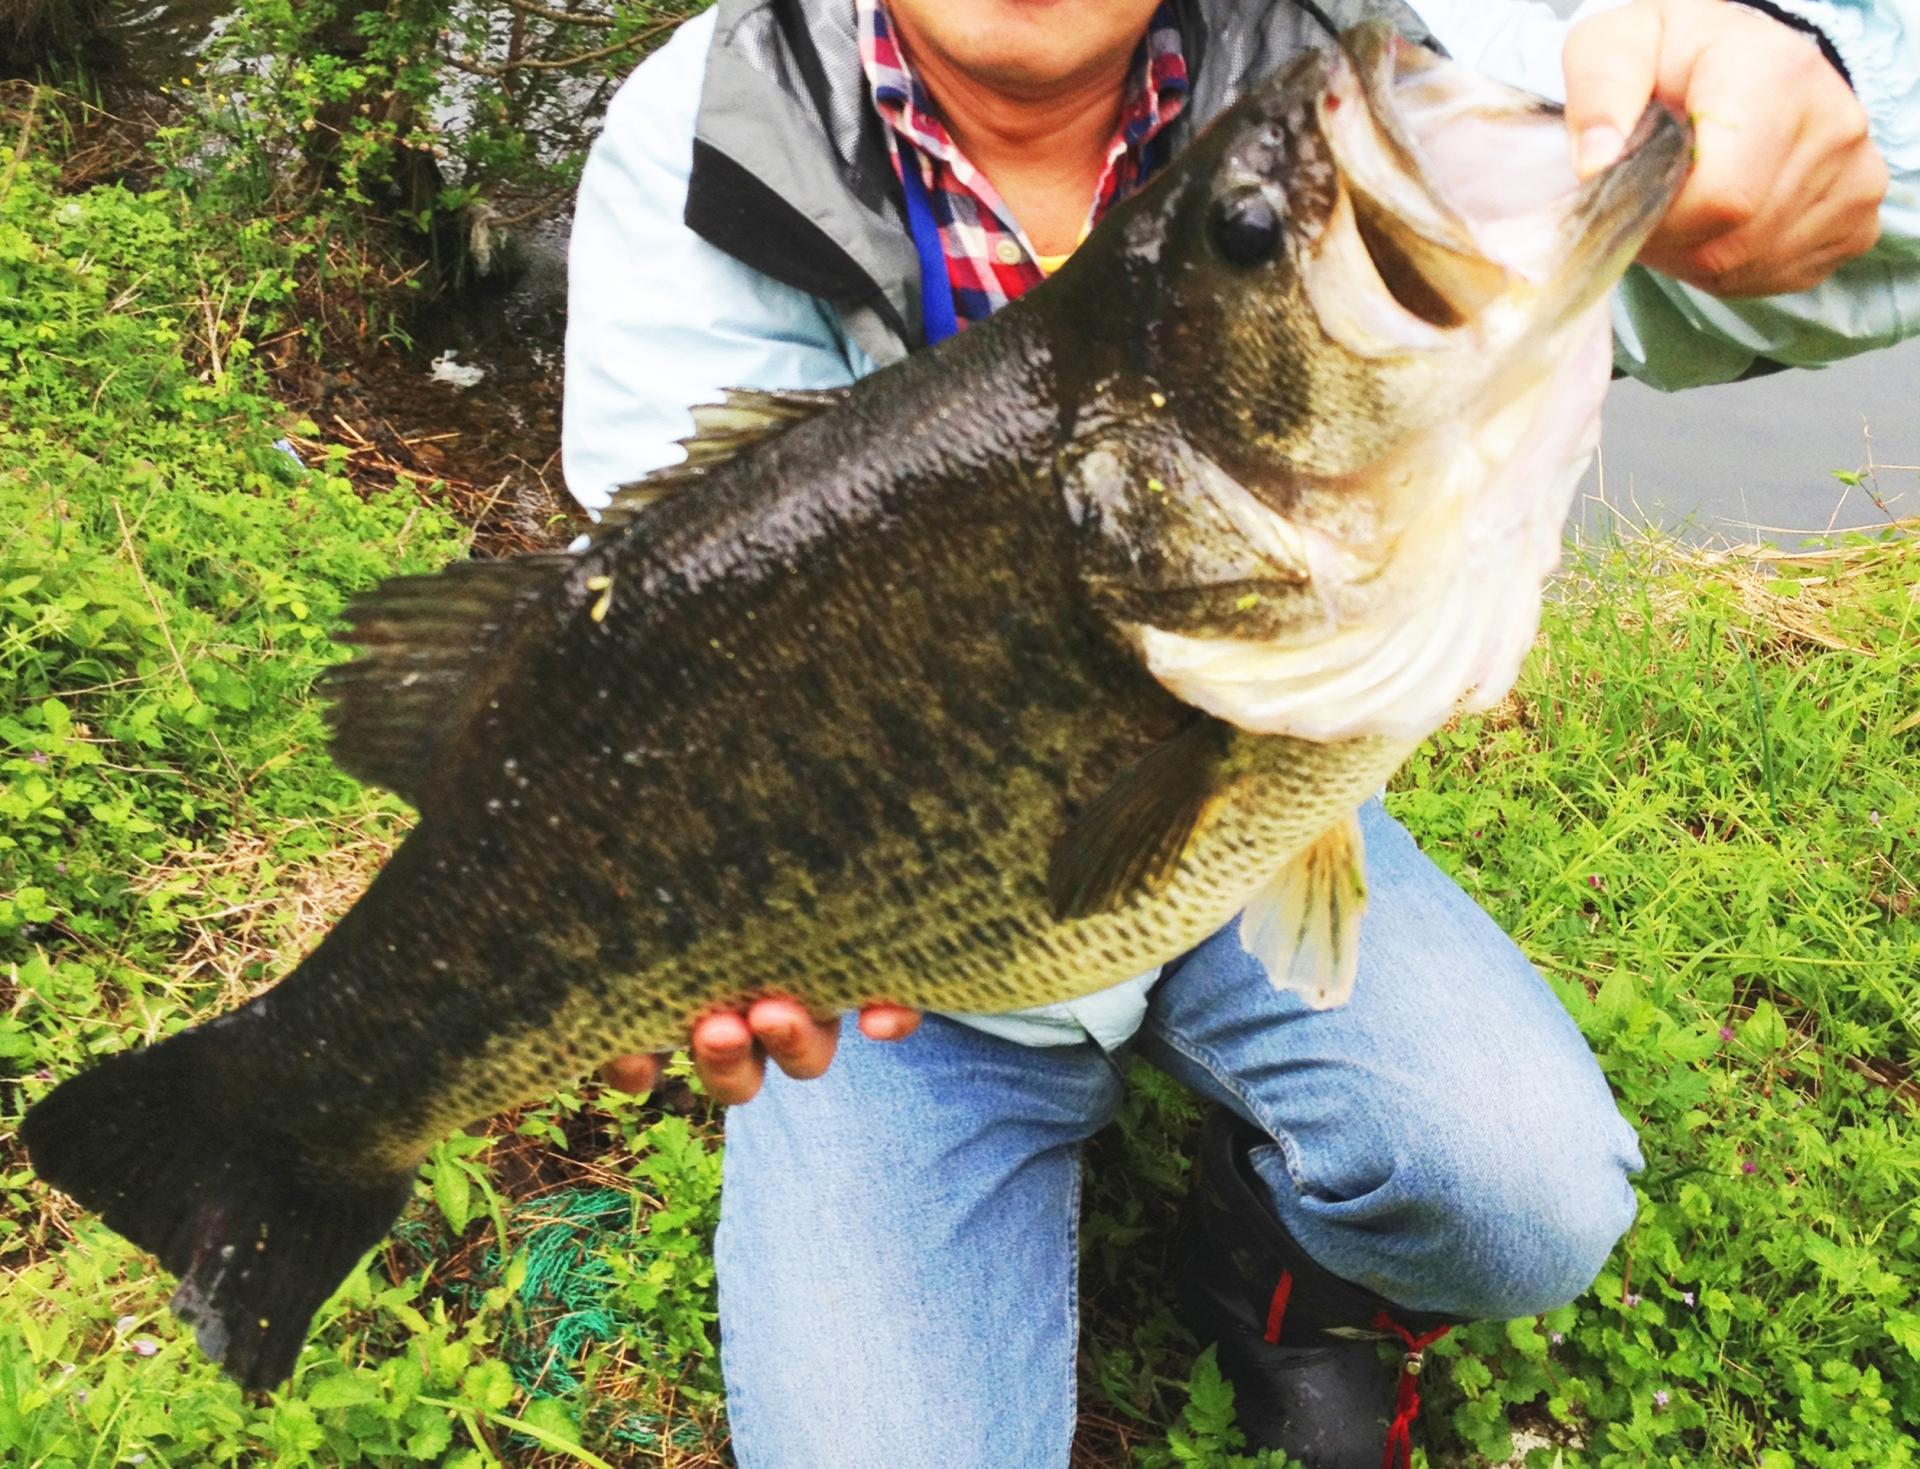 外来種がいなかった頃の琵琶湖に!「琵琶湖を戻す会」外来魚駆除の取り組み